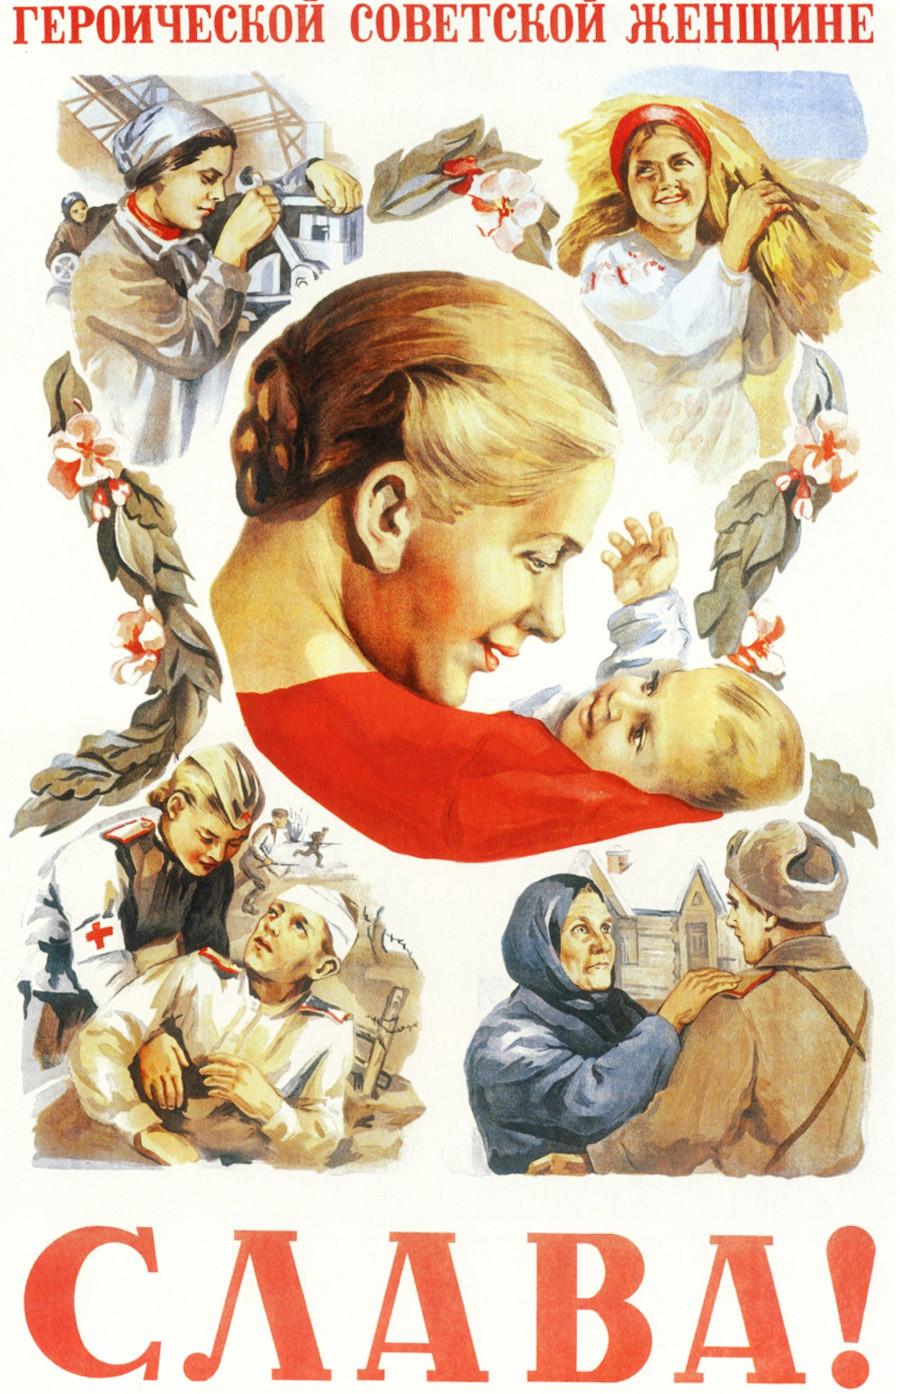 Slava sovjetskoj ženi heroju!